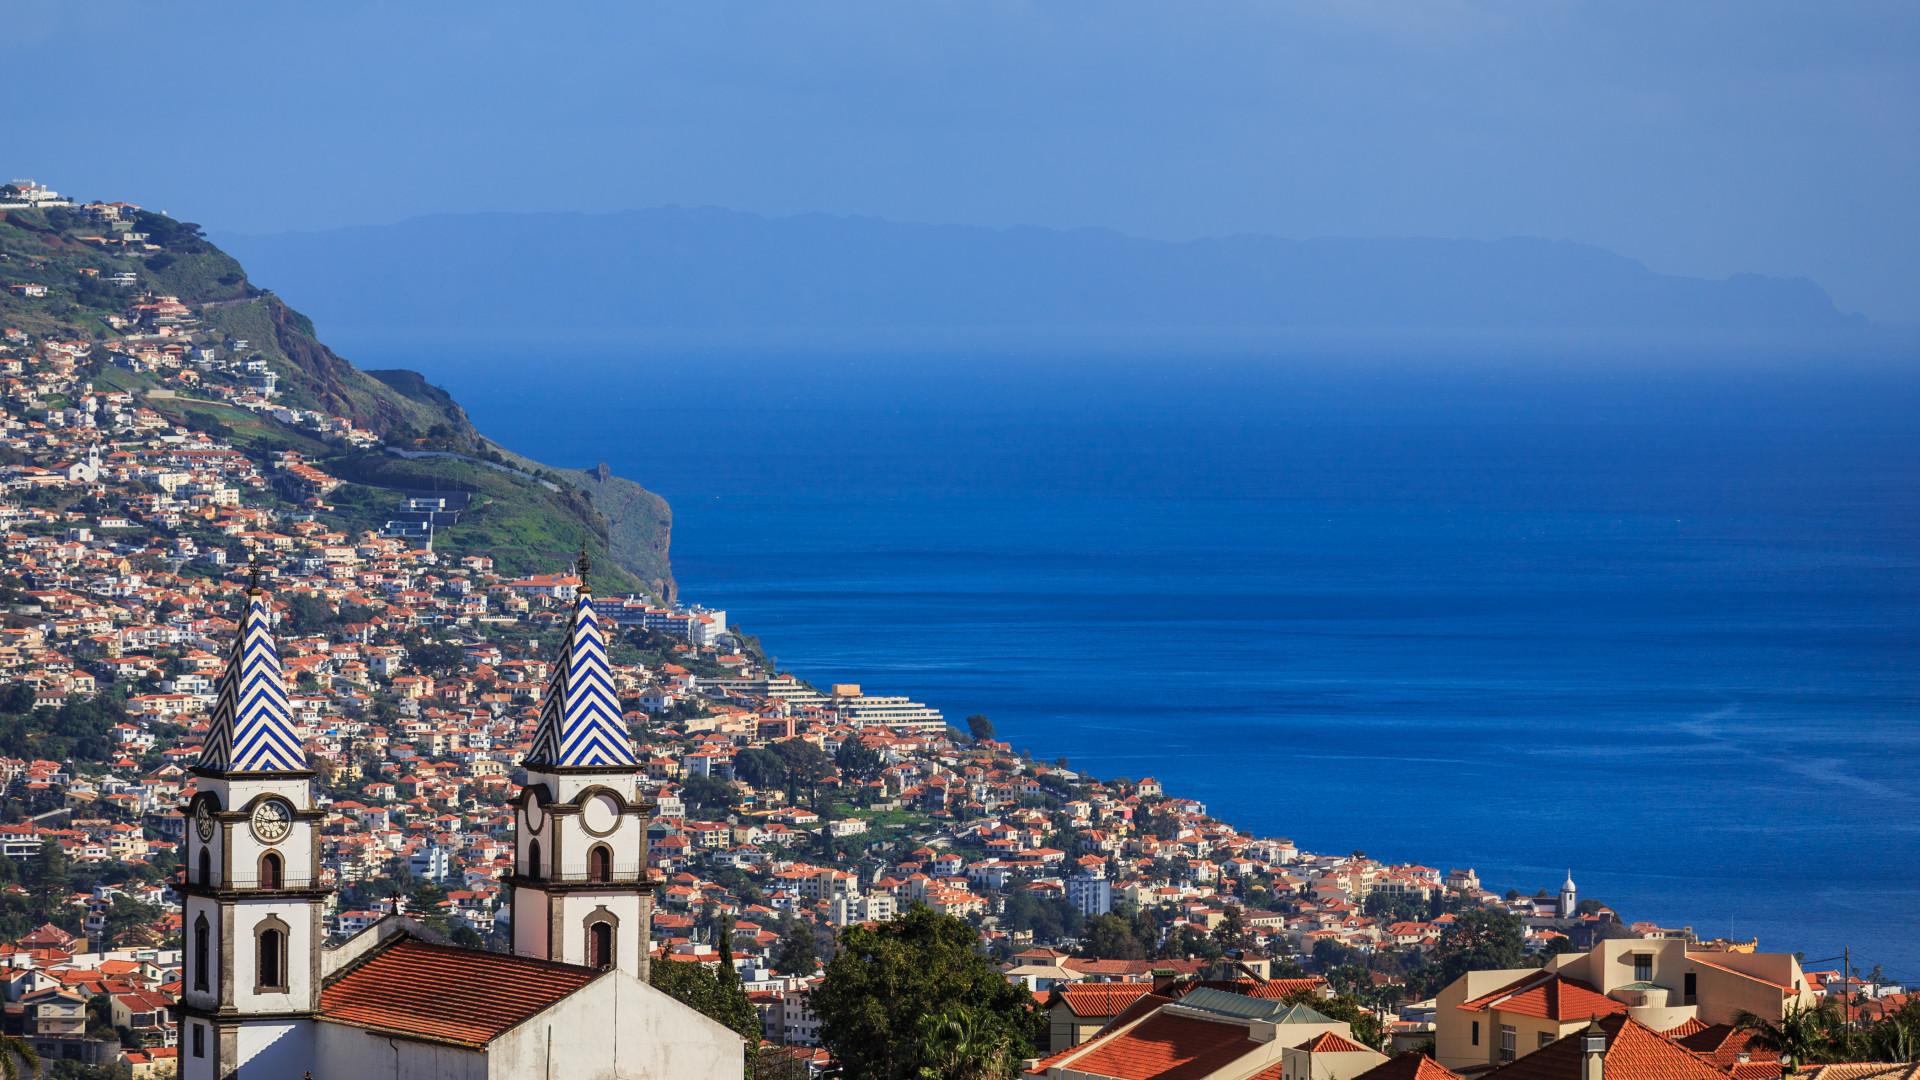 Teatro vai andar na cidade do Funchal em festival de três dias